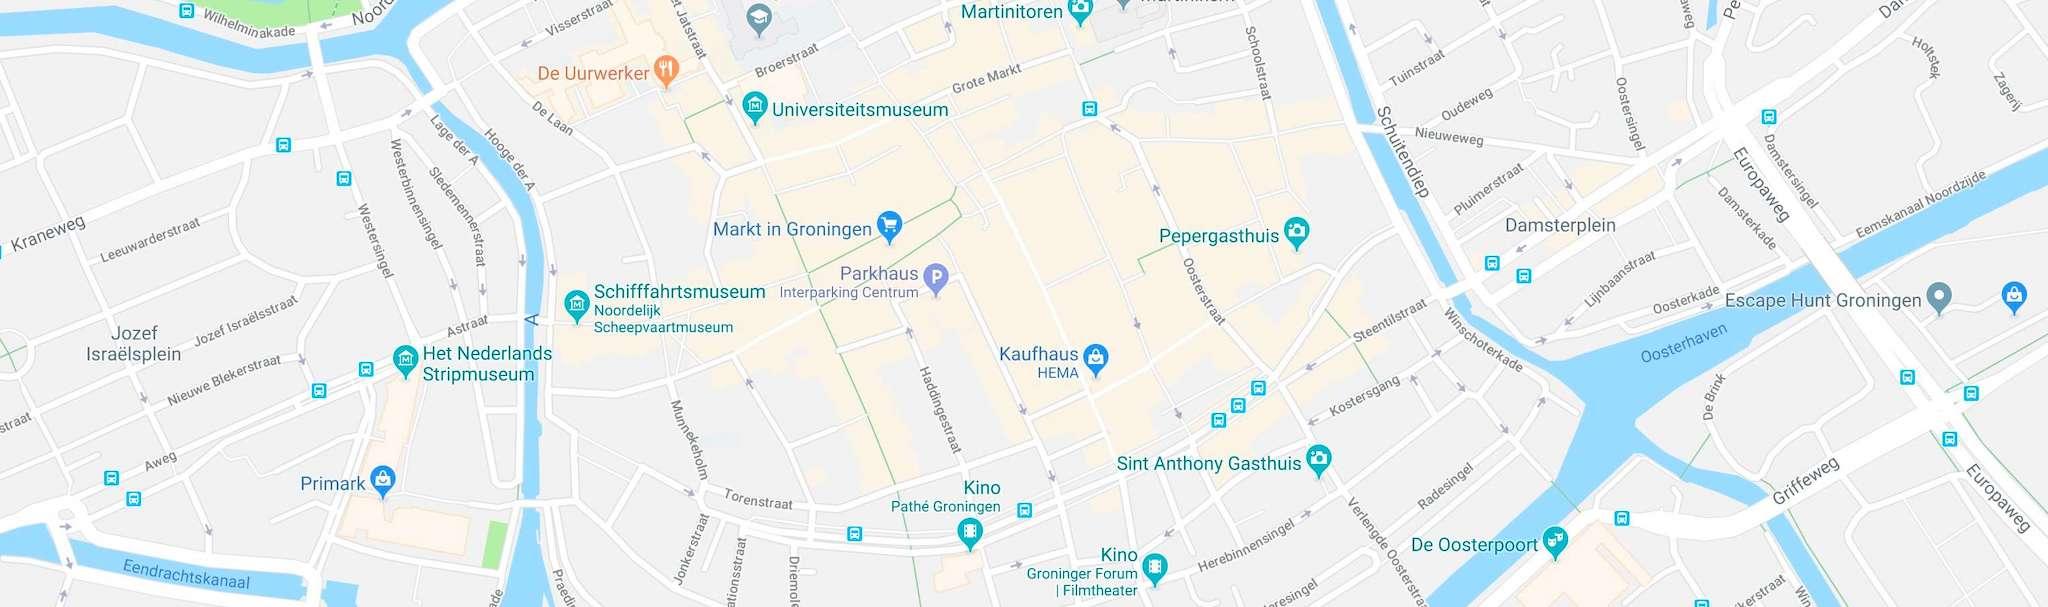 Groningen - Karte der Innenstadt